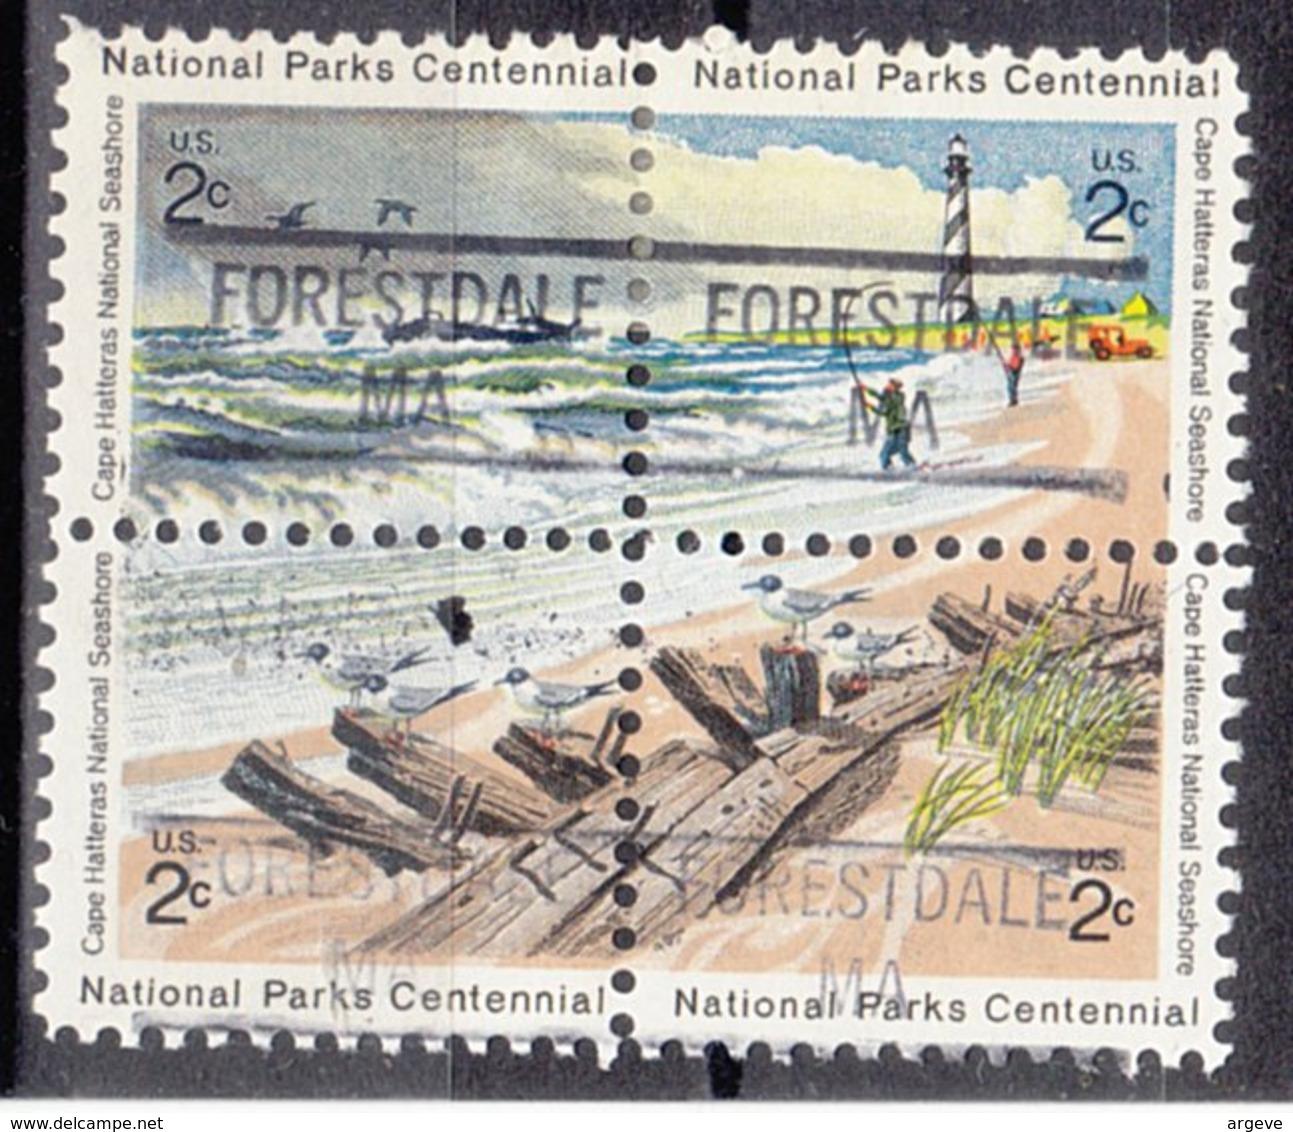 USA Precancel Vorausentwertung Preo, Locals Massachusetts, Forestdale 841, Hatteras Block - Vereinigte Staaten